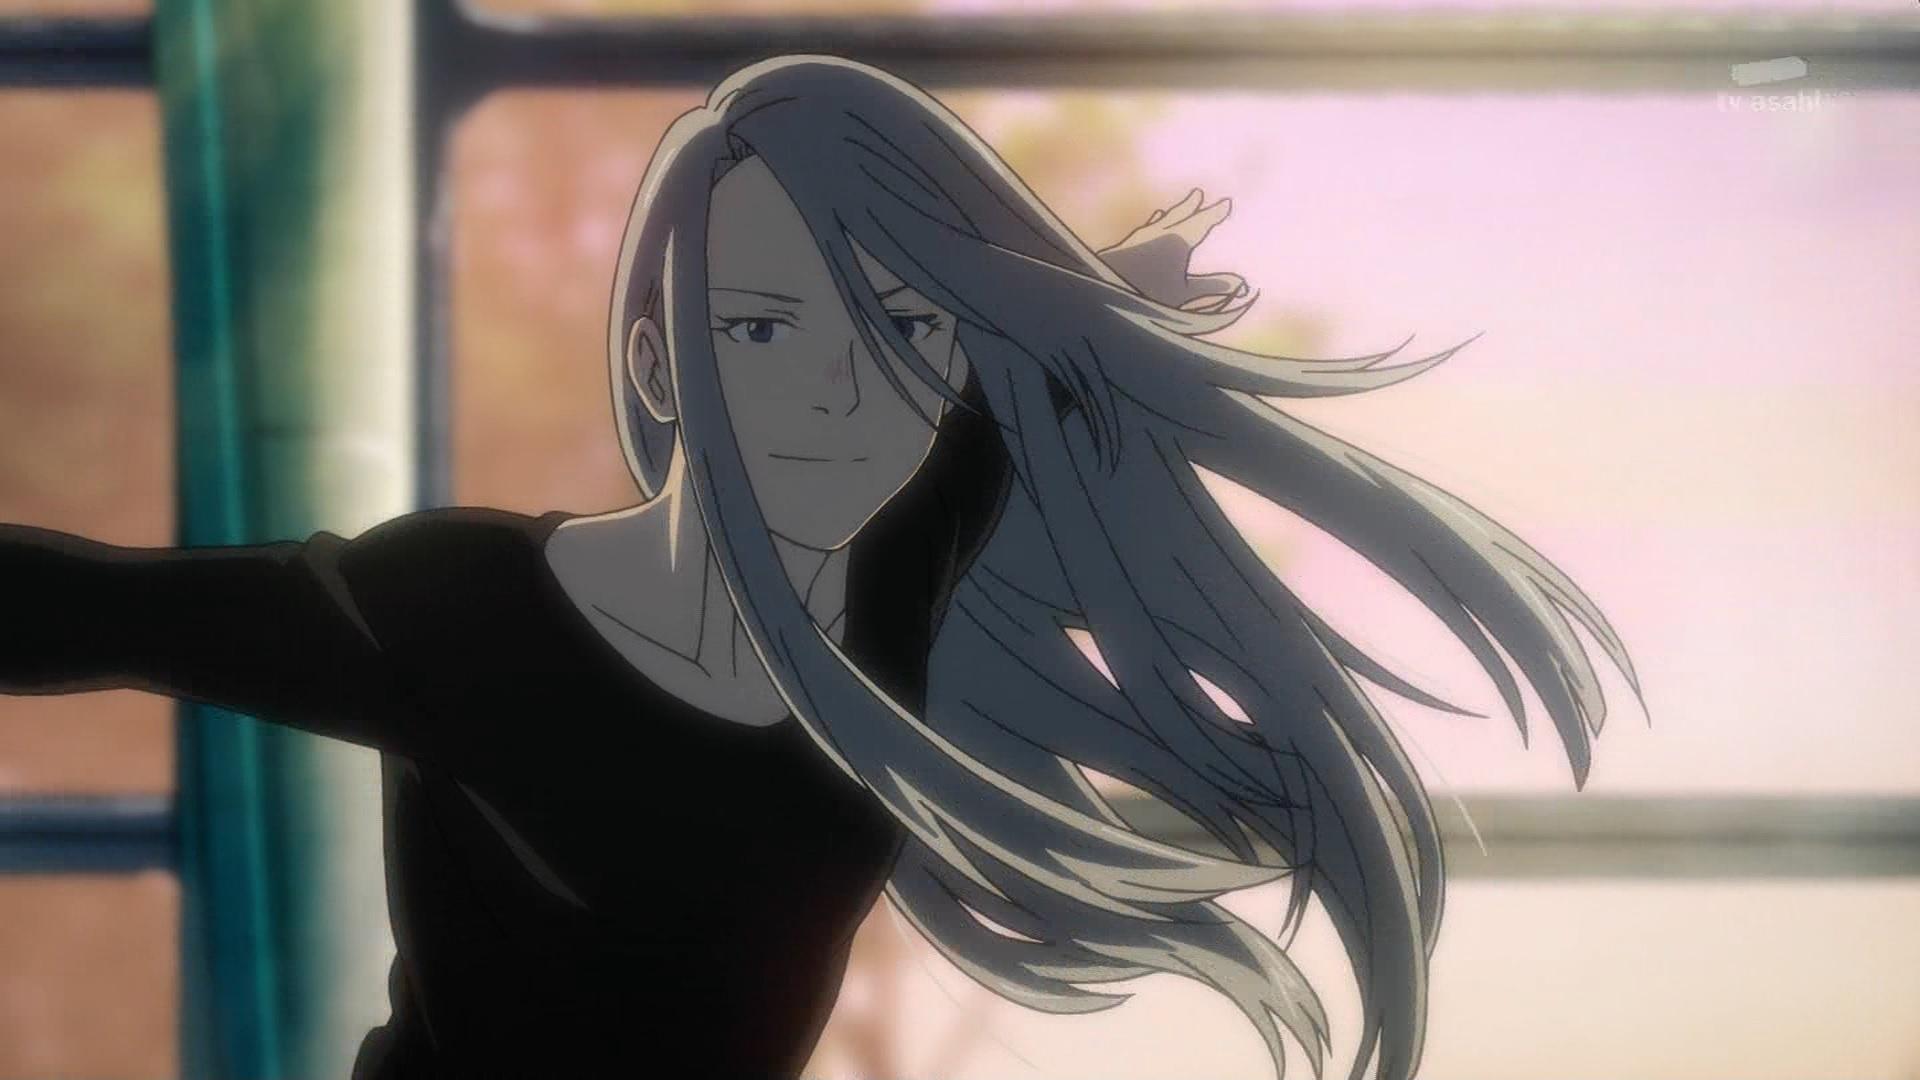 長髪のヴィクトル(第11話画像)